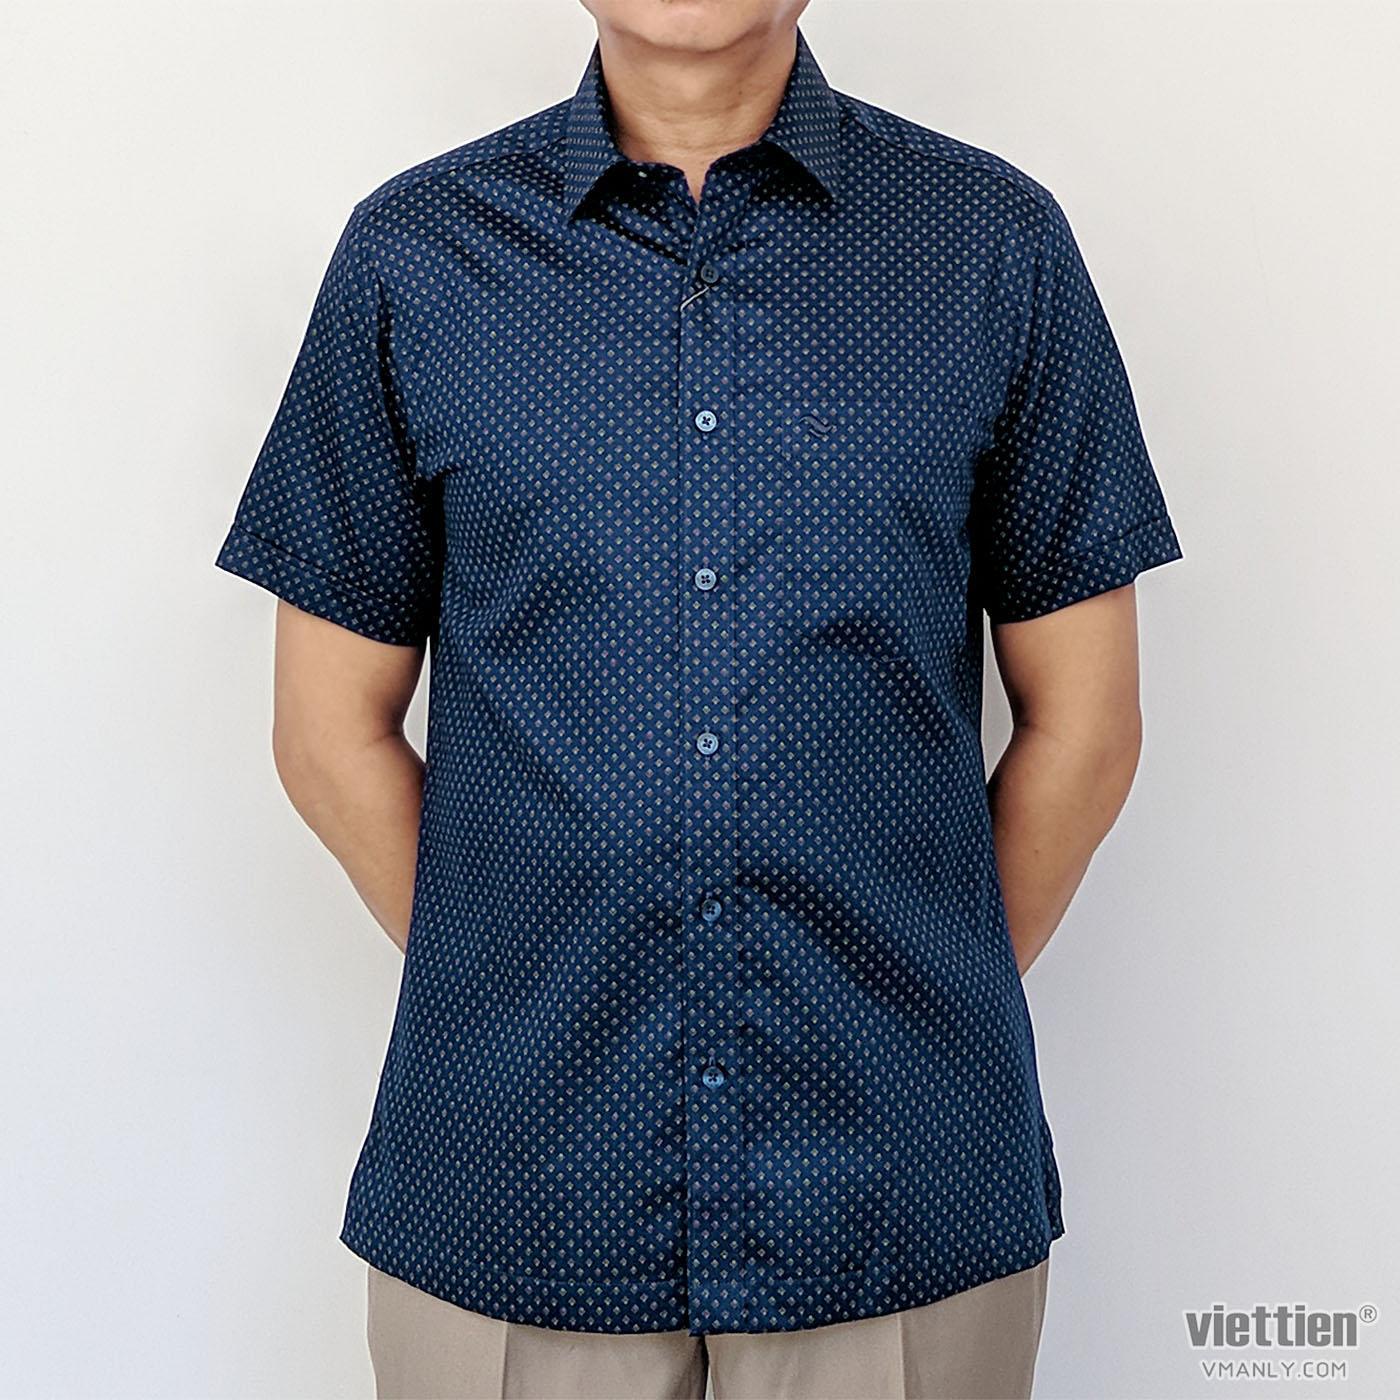 Áo sơ mi nam ngắn tay Việt Tiến màu xanh hoa văn 6N0037